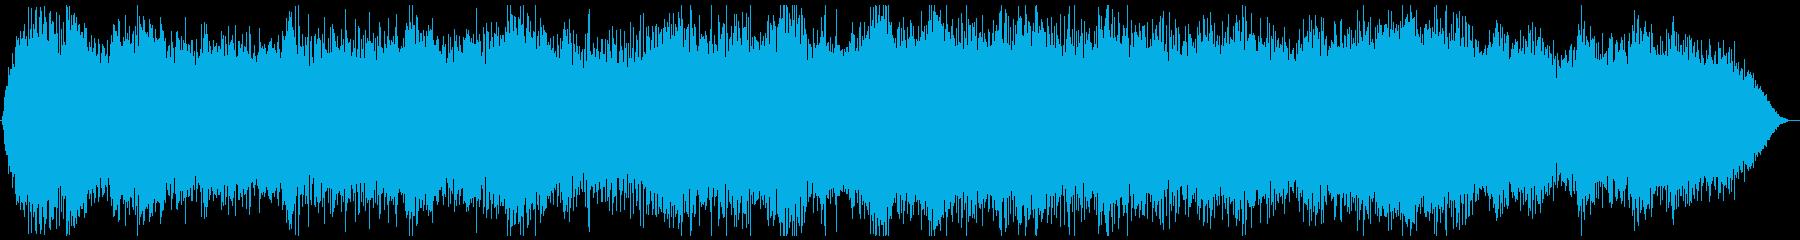 切ない/壮大なミニマルの再生済みの波形